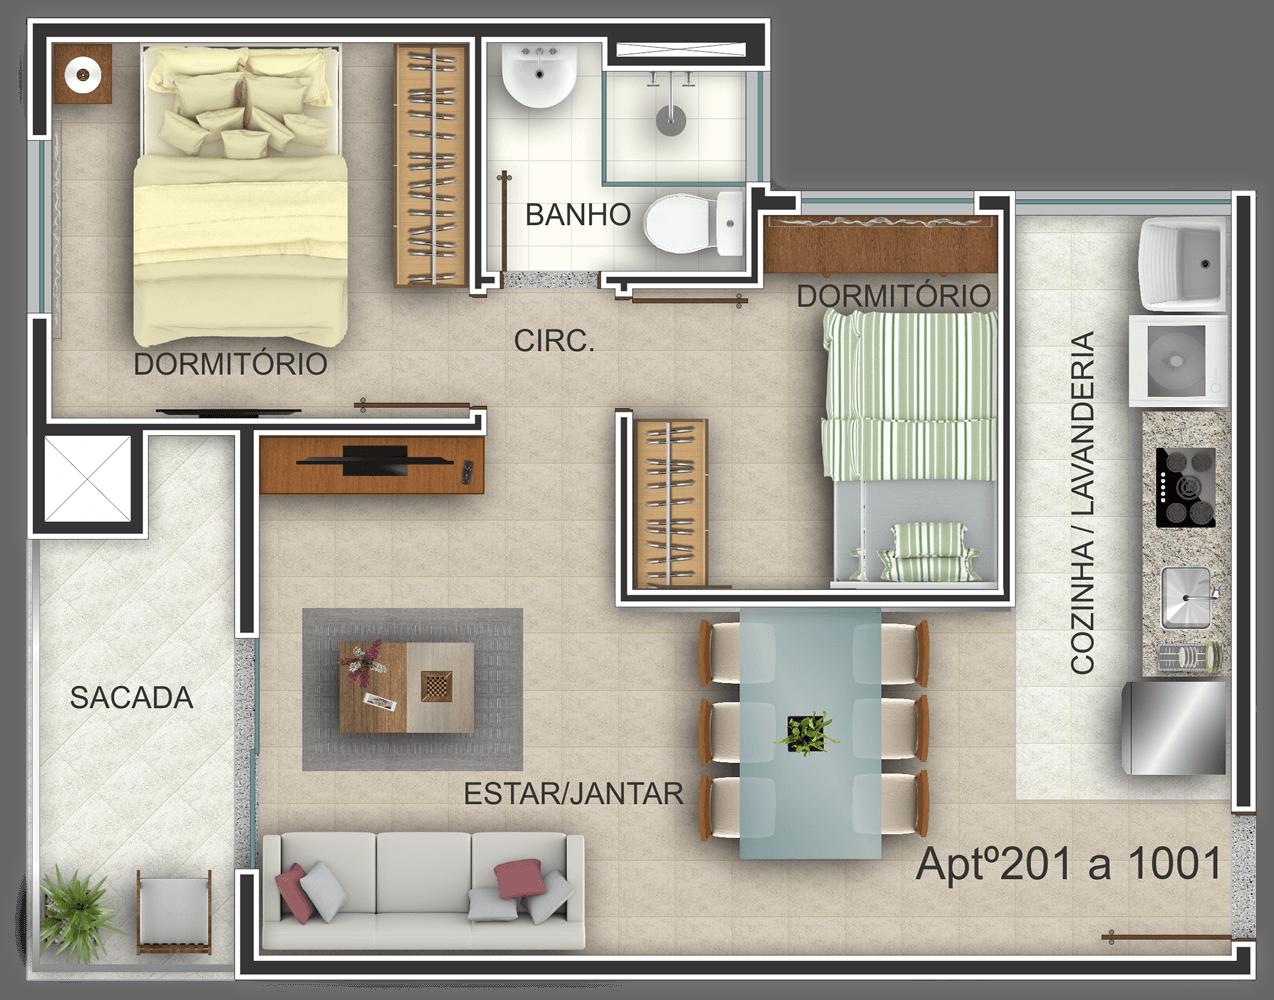 Edifício Residencial Ideal - Planta Baixa Habitada 201-1001 G. Ghem Engenharia